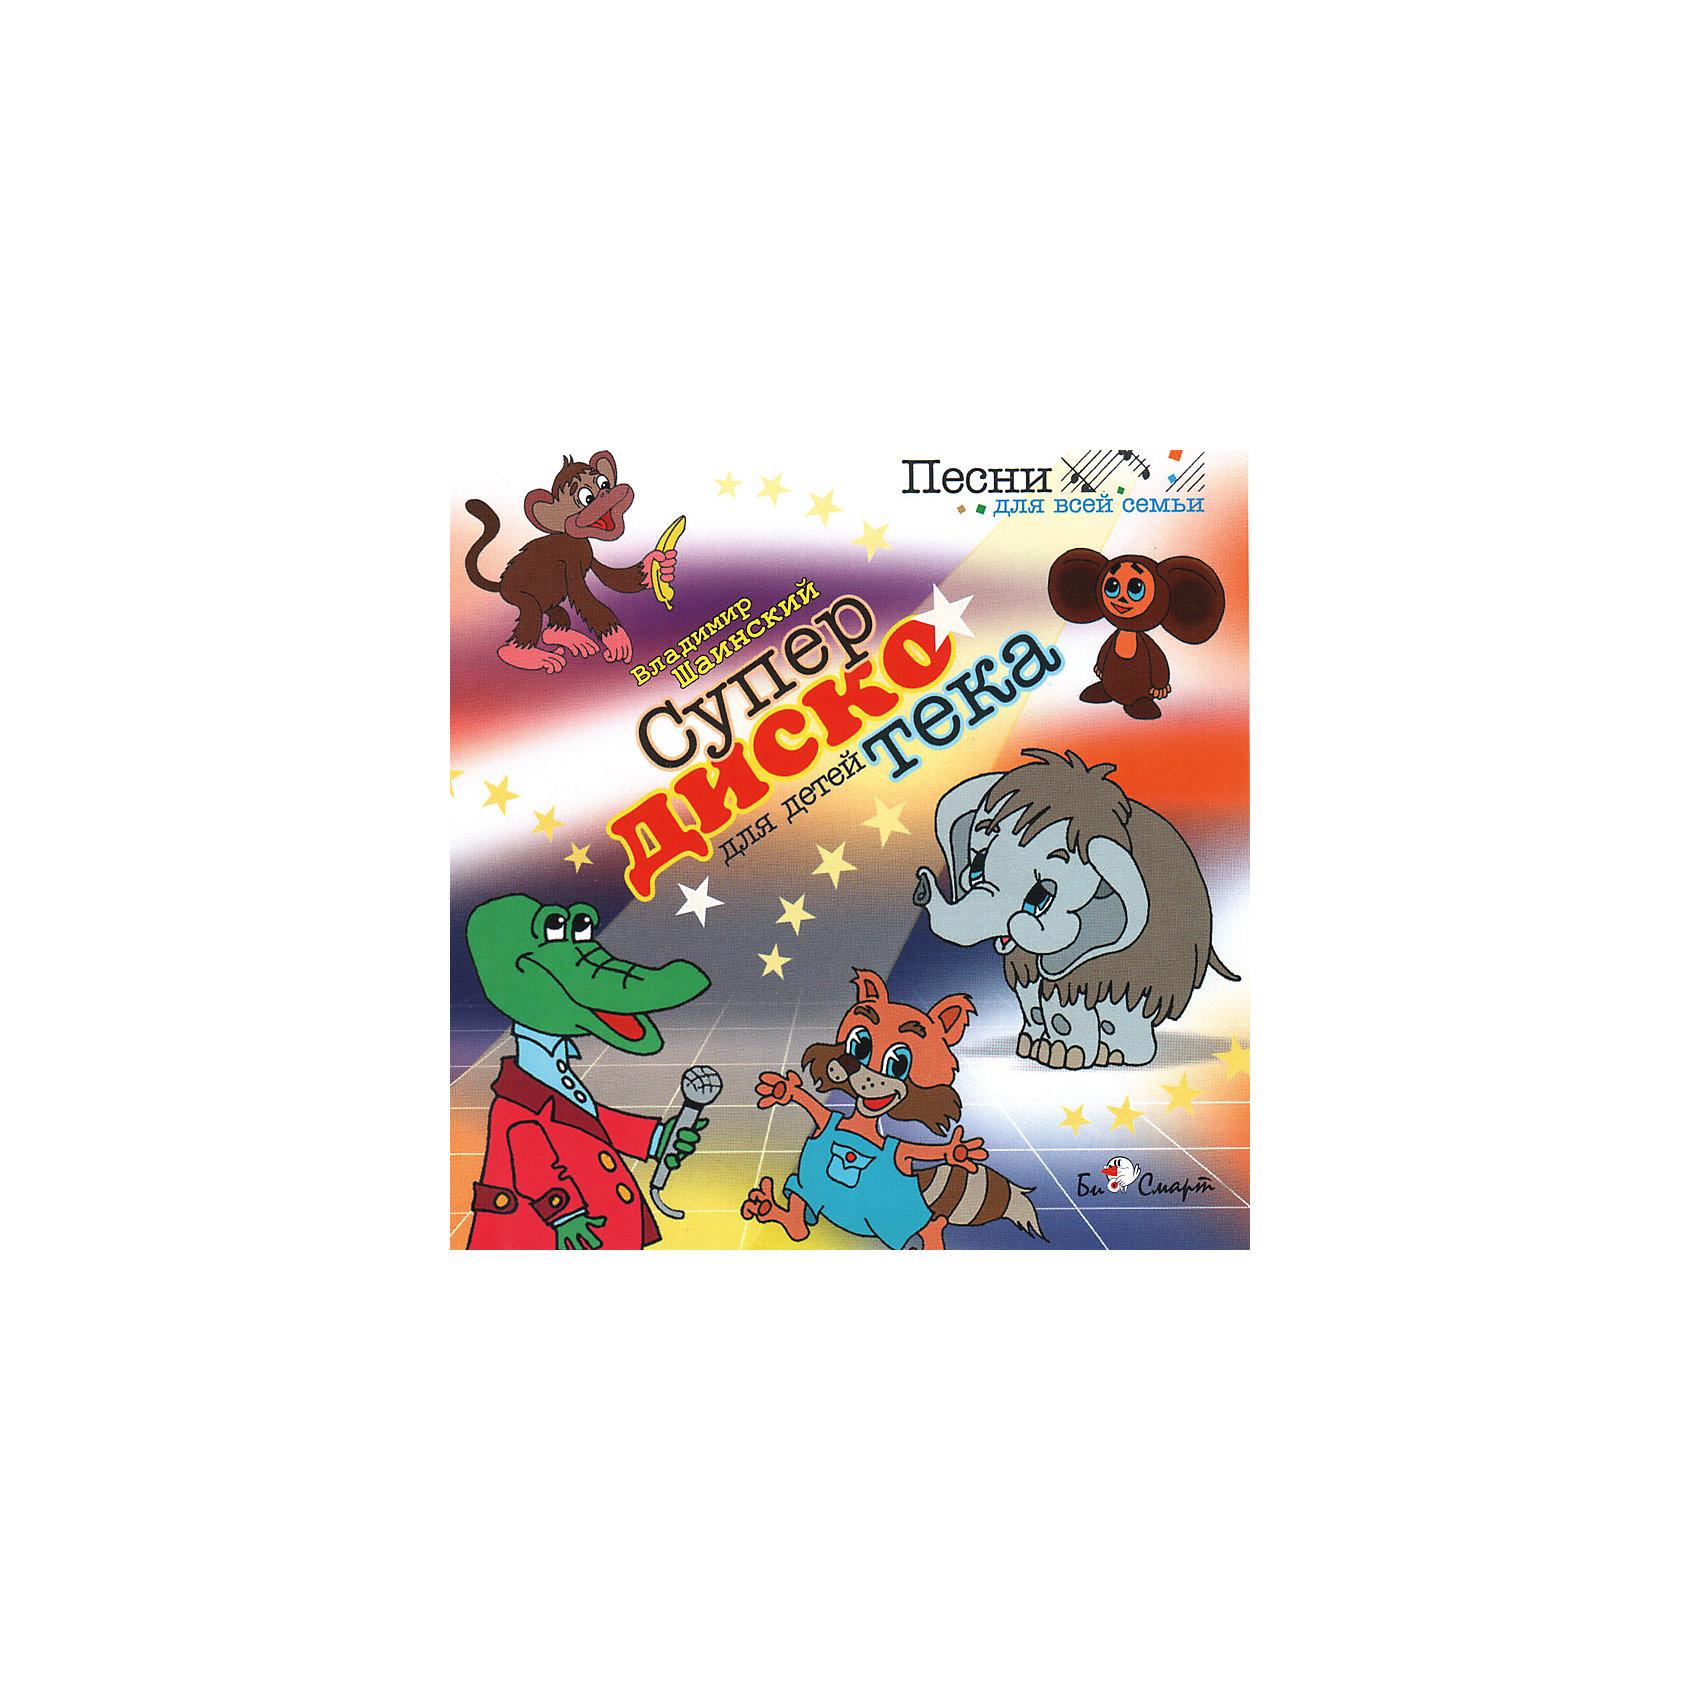 CD Супердискотека , Шаинский В.Би Смарт<br>Характеристики товара:<br><br>• время звучания: 46 минут;<br>• возраст: от 0 месяцев;<br>• размер упаковки: 12,5х10х14,2 см;<br>• вес: 79 грамм.<br><br>На диске «Супердискотека» собраны самые любимые произведения Владимира Шаинского. Ребенок устроит самые веселые танцы с Крокодилом Геной, Чебурашкой и другими любимыми героями.<br><br>Содержание: «Чунга-Чанга», «Когда мои друзья со мной», «Кузнечик», «Песня мамонтенка», «Пусть бегут неуклюже», «Небылицы», «Облака», «По секрету всему свету», «Голубой вагон», «Песня Чебурашки», «Все мы делим пополам», «Страна мультипликации», «Песенка крокодила Гены».<br><br>CD Супердискотека , Шаинский В. Можно купить в нашем интернет-магазине.<br><br>Ширина мм: 142<br>Глубина мм: 100<br>Высота мм: 125<br>Вес г: 79<br>Возраст от месяцев: 0<br>Возраст до месяцев: 72<br>Пол: Унисекс<br>Возраст: Детский<br>SKU: 5614912